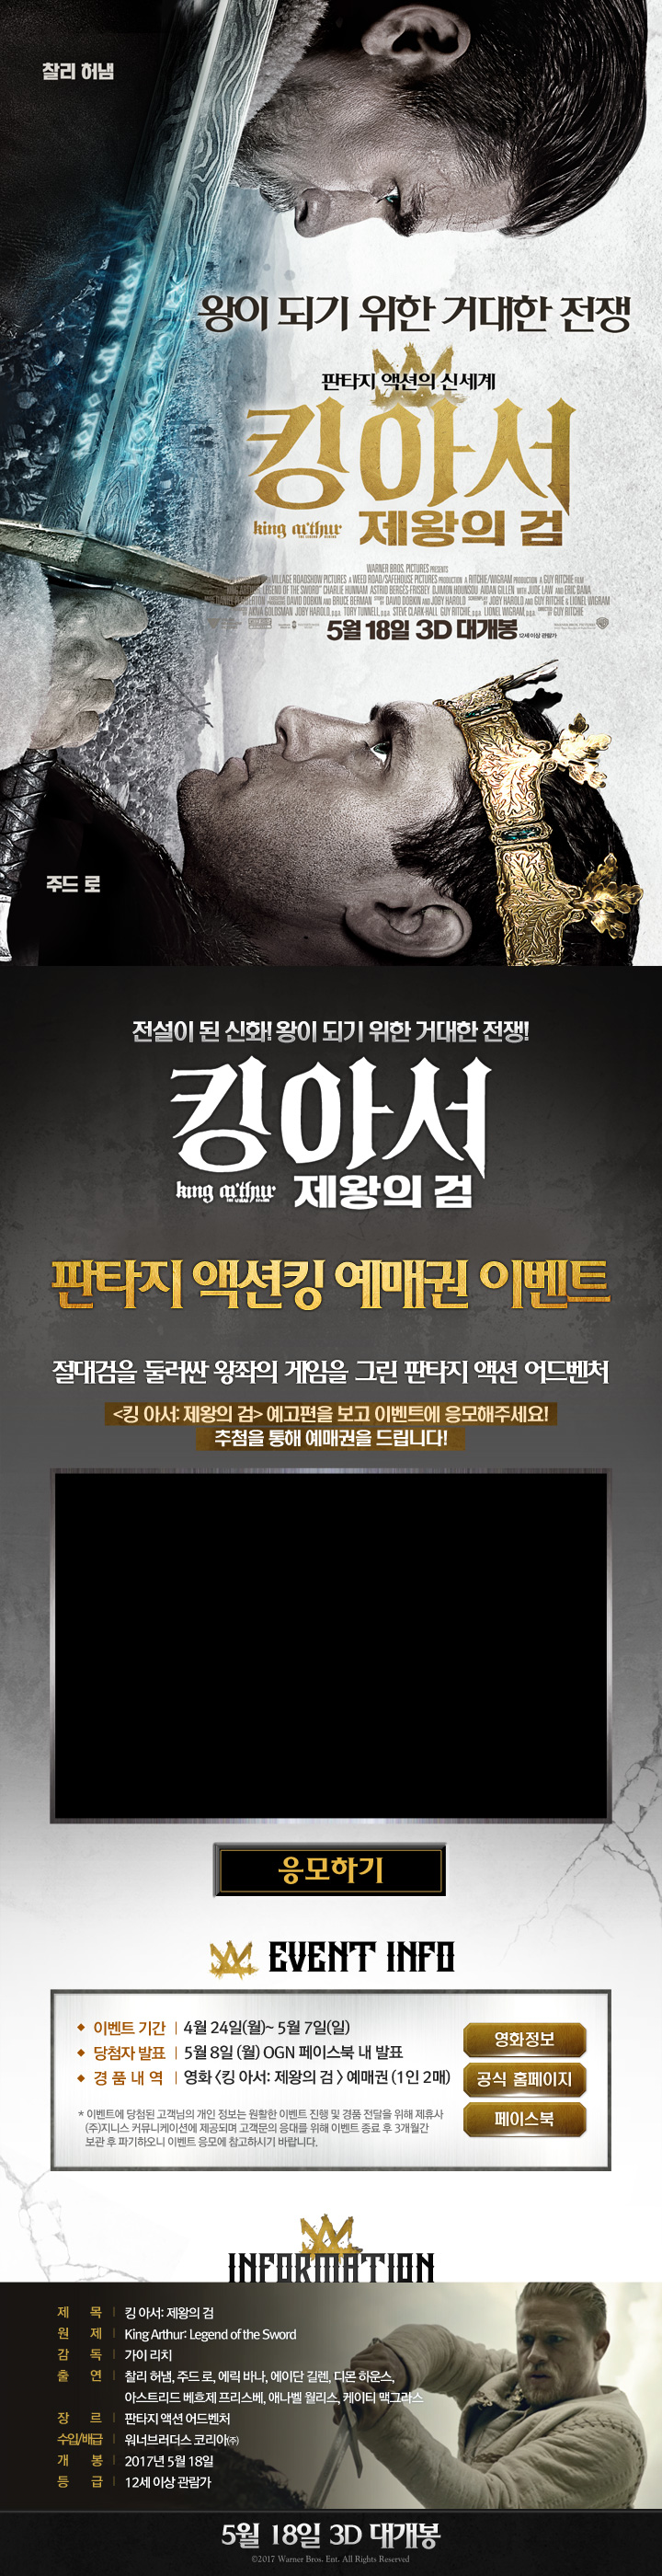 [OGN] 라스트위치헌터 영화예매권이벤트